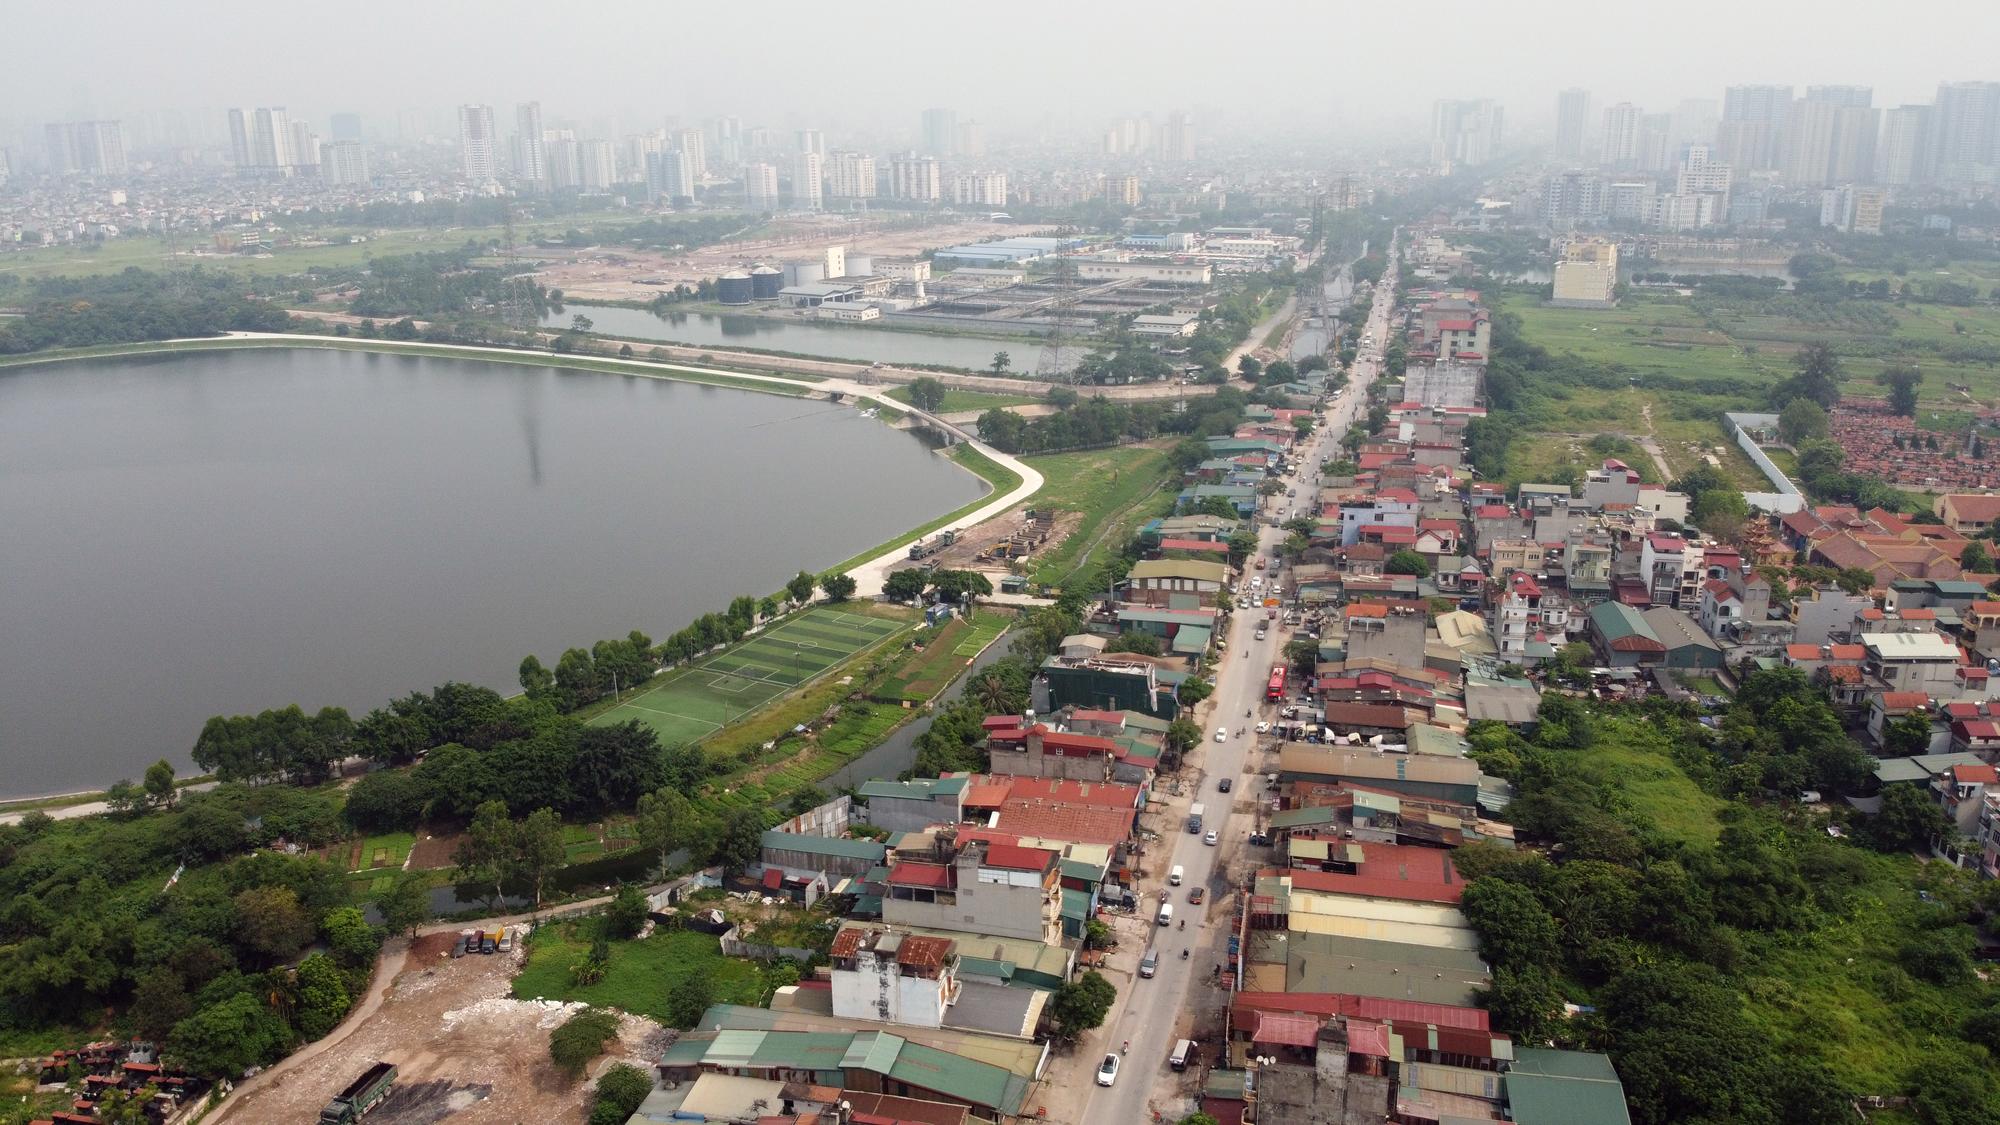 Dự án mở rộng đường Tam Trinh hơn 2.000 tỉ đồng sau 4 năm mới làm được vài trăm mét - Ảnh 1.